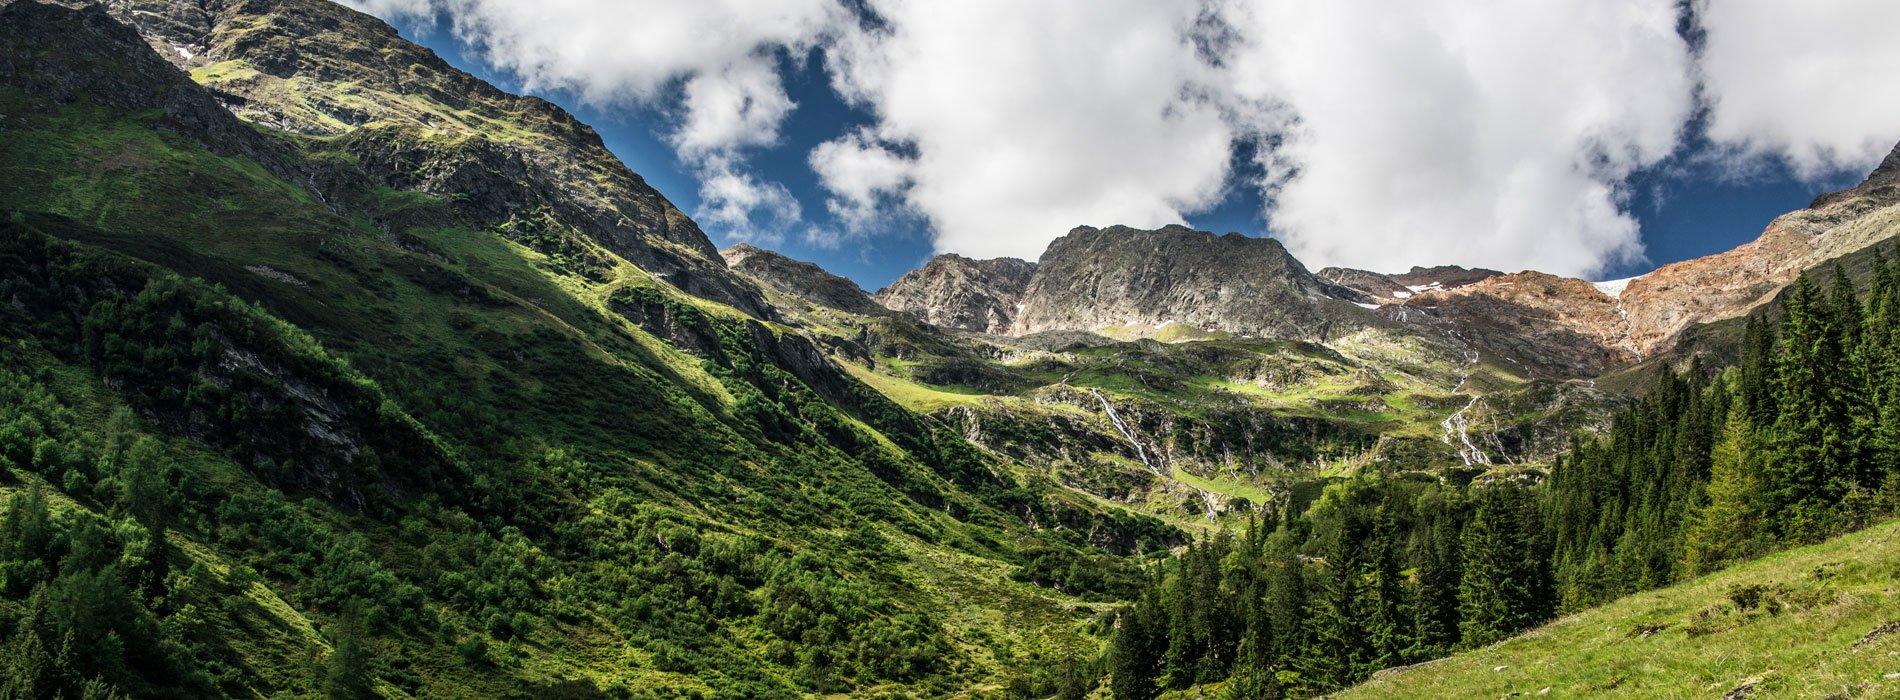 sommerurlaub-in-den-bergen-11